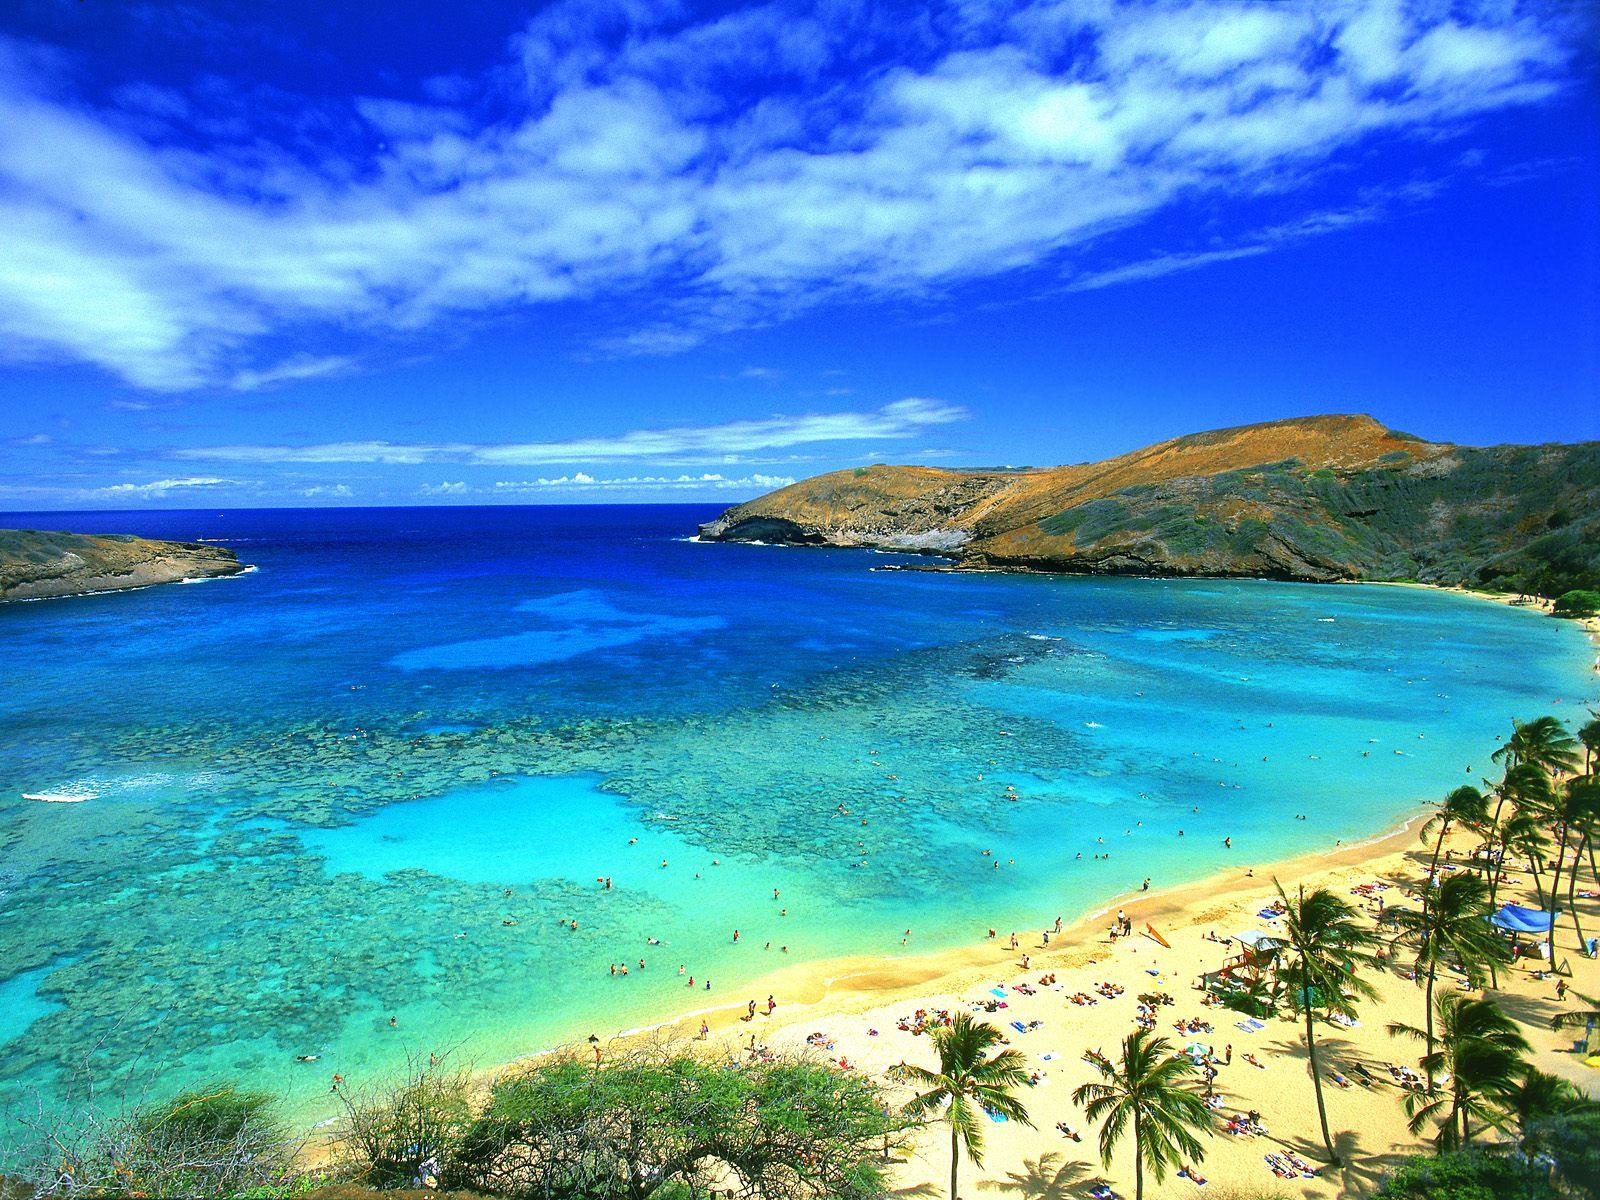 hawaii beach wallpapers hawaii beach hd wallpapers hawaii beach hd ...